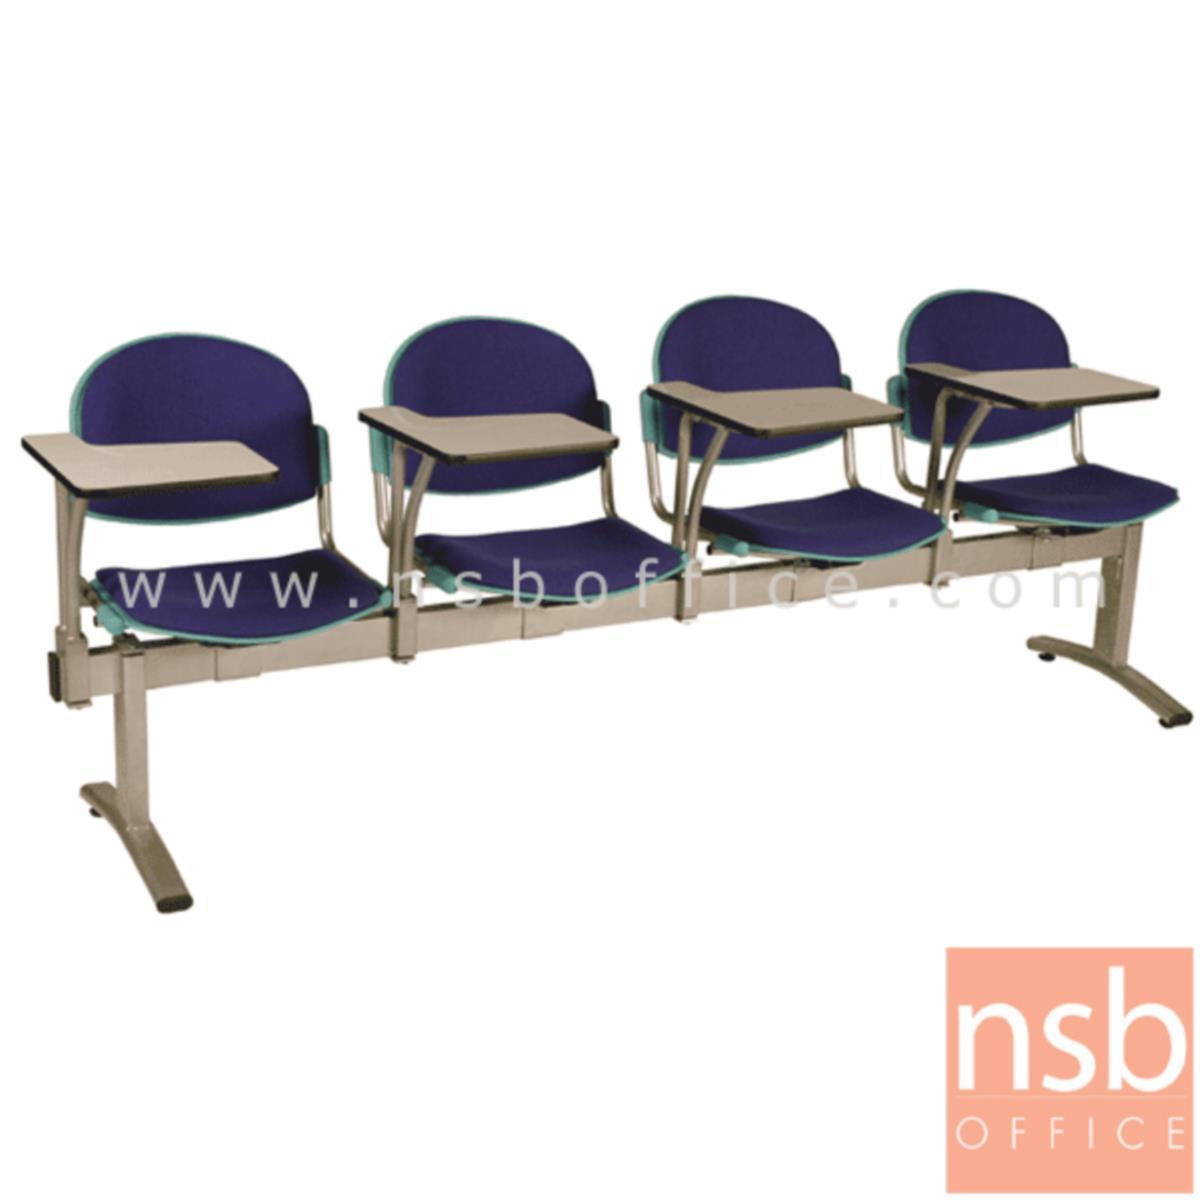 เก้าอี้เลคเชอร์แถวเฟรมโพลี่หุ้มเบาะ รุ่น D4656 2 ,3 และ 4 ที่นั่ง ขาเหล็กพ่นสีเทา